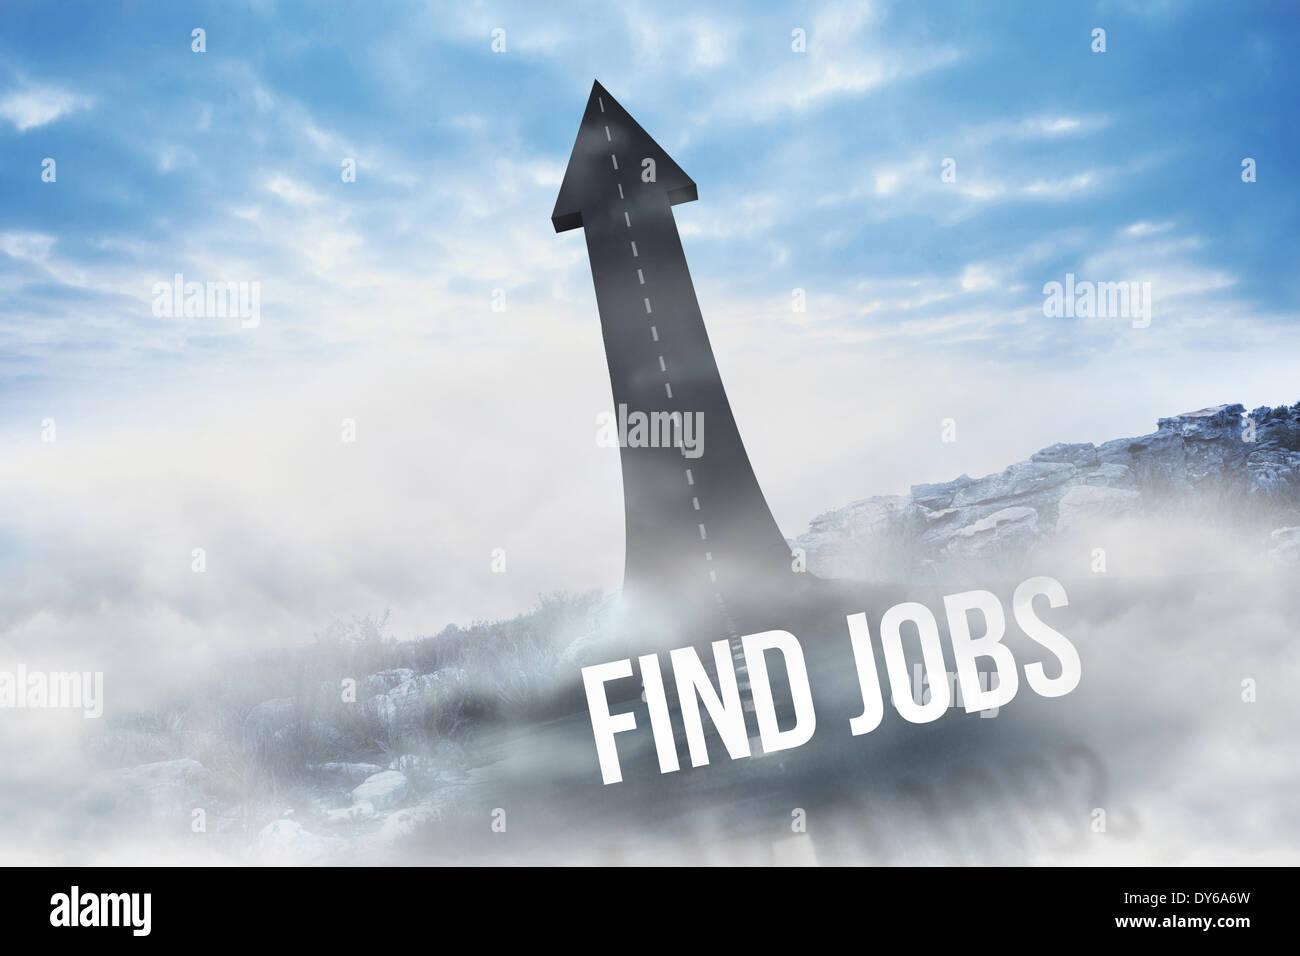 Buscar trabajos contra la carretera girando en la flecha Imagen De Stock